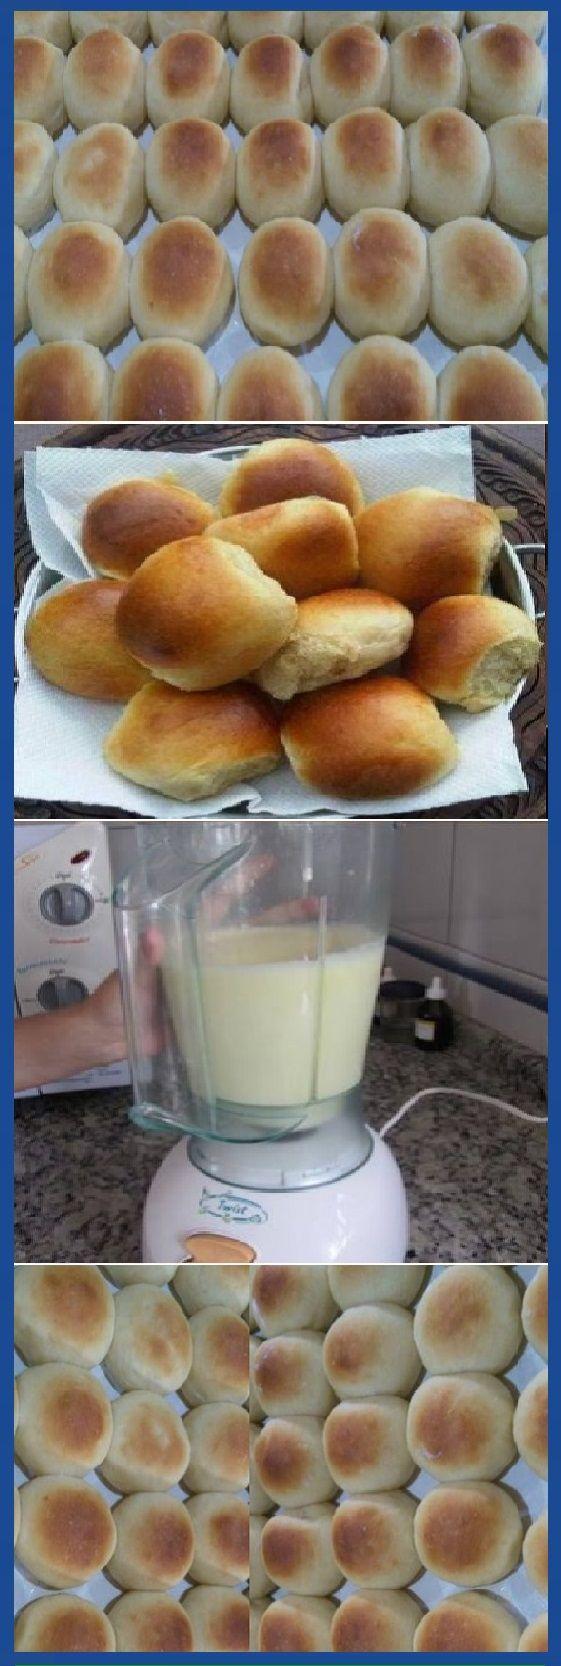 PAN DE LICUADORA después de que aprendí a hacer, nunca más volvía a la panadería. Es simplemente DIVINO, rápido, práctico y muy fácil. ¡La familia entera le gusta mucho!  #pandelicuadora #licuadora  #panfrances #pain #bread #breadrecipes #パン #хлеб #brot #pane #crema #relleno #losmejores #cremas #rellenos #cakes #pan #panfrances #panettone #panes #pantone #pan #recetas #recipe #casero #torta #tartas #pastel #nestlecocina #bizcocho #bizcochuelo #tasty #cocina #chocolate Si te gusta dinos…